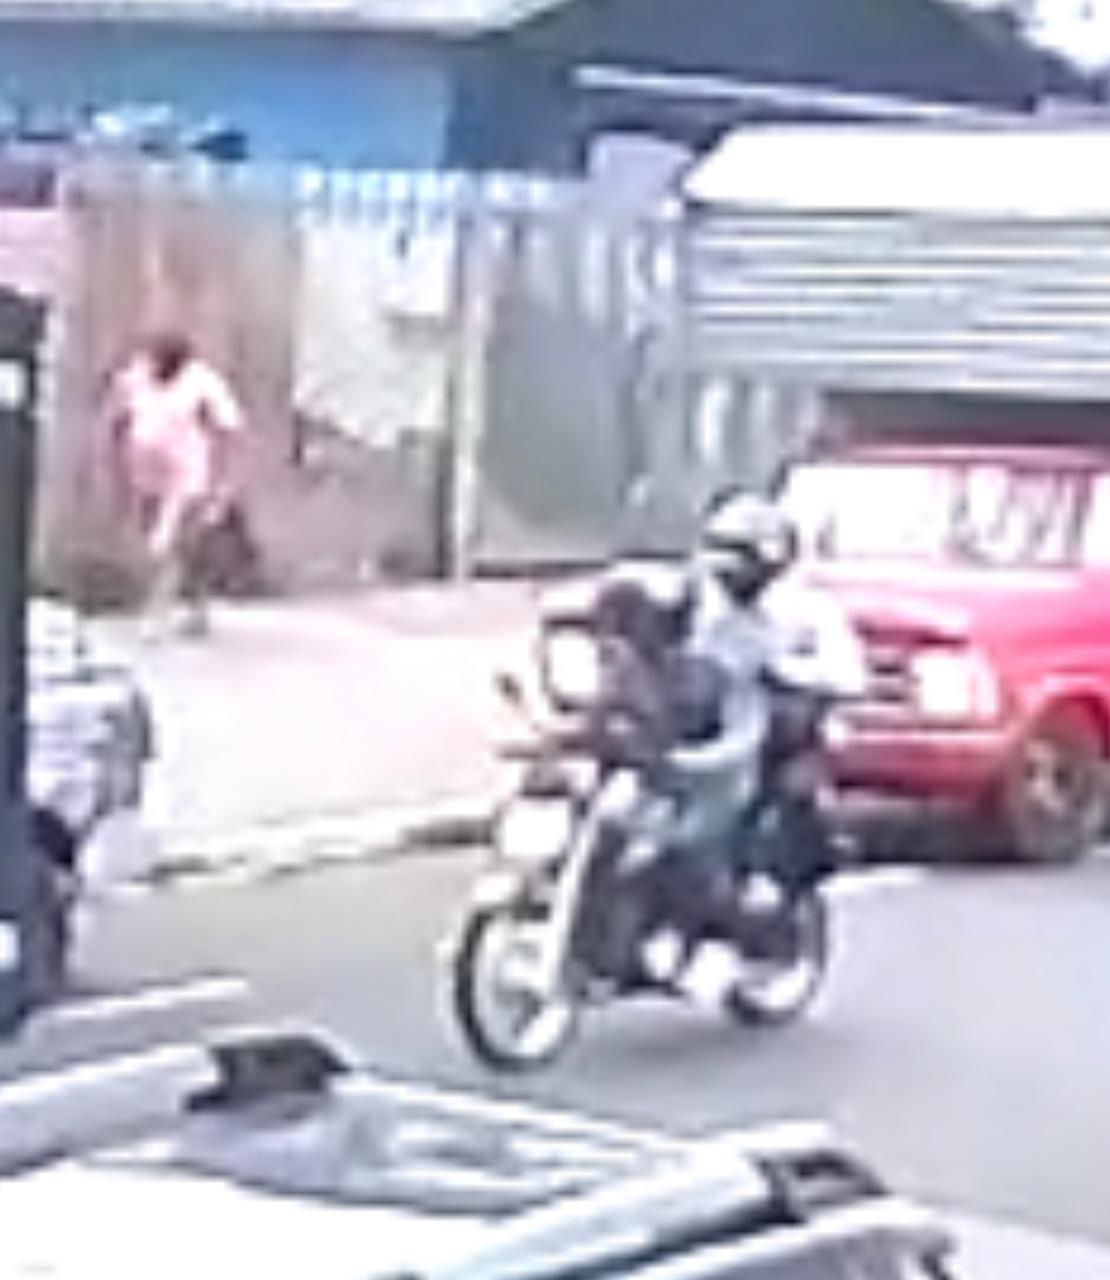 Dupla fugiu em uma moto por avenidas centrais de Maringá – Foto: Divulgação Polícia Civil